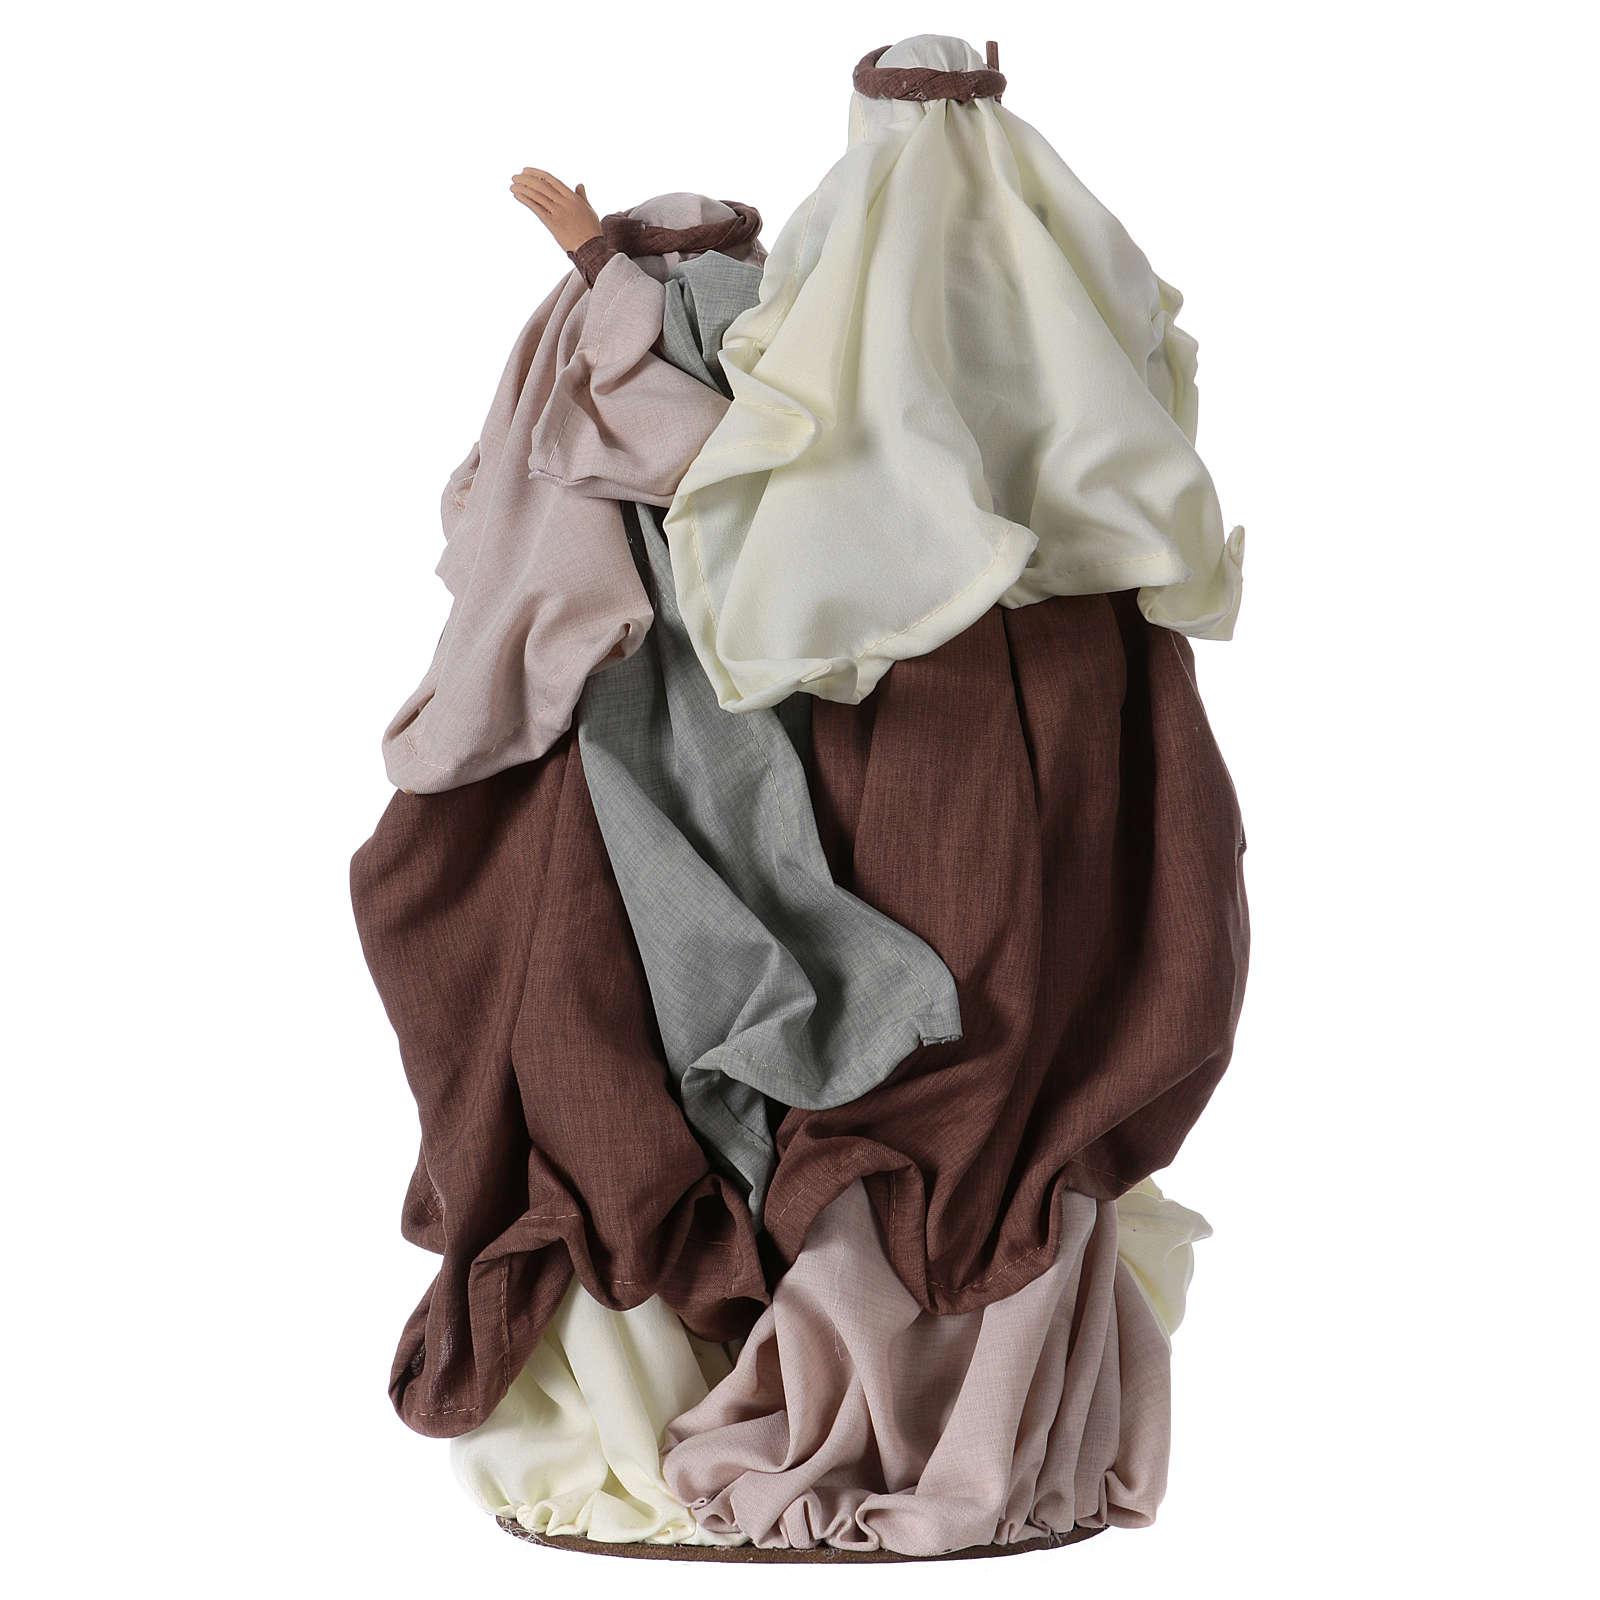 Nativité 47 cm sur base résine tissu vert et crème 3